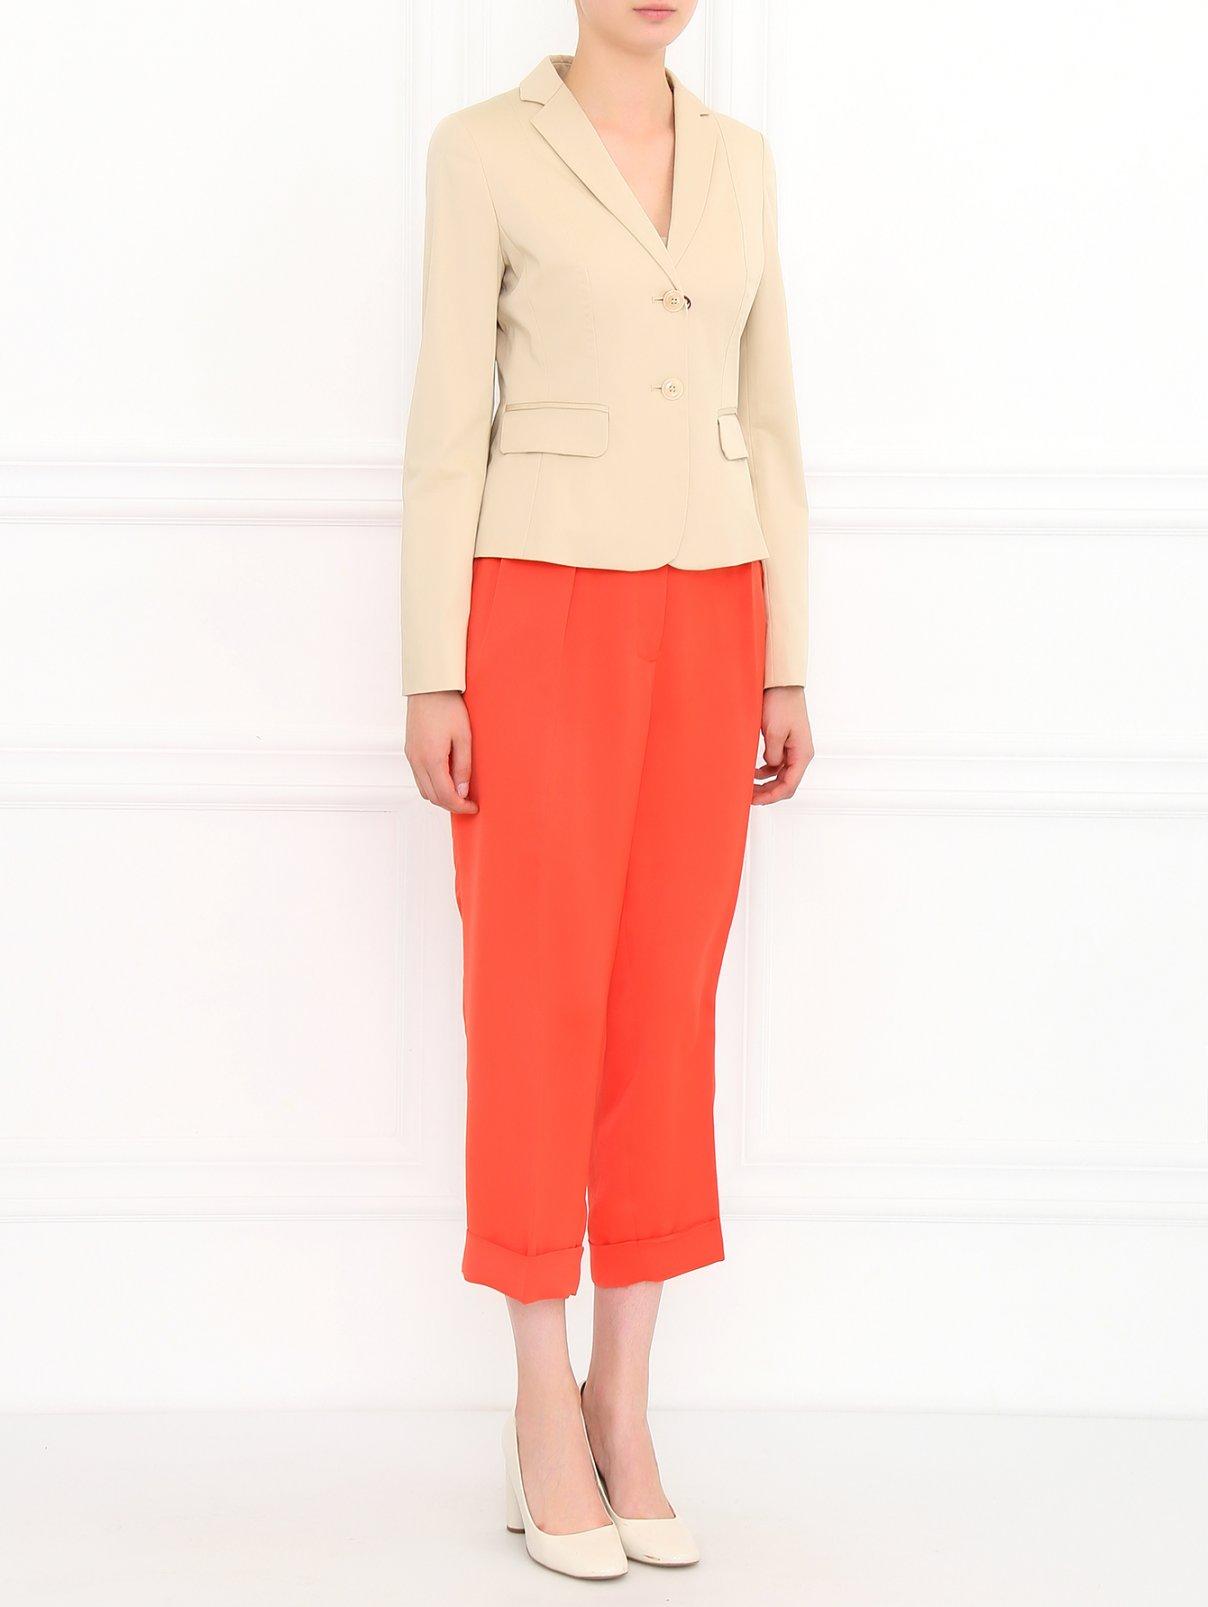 Легкие укороченные брюки Cedric Charlier  –  Модель Общий вид  – Цвет:  Красный